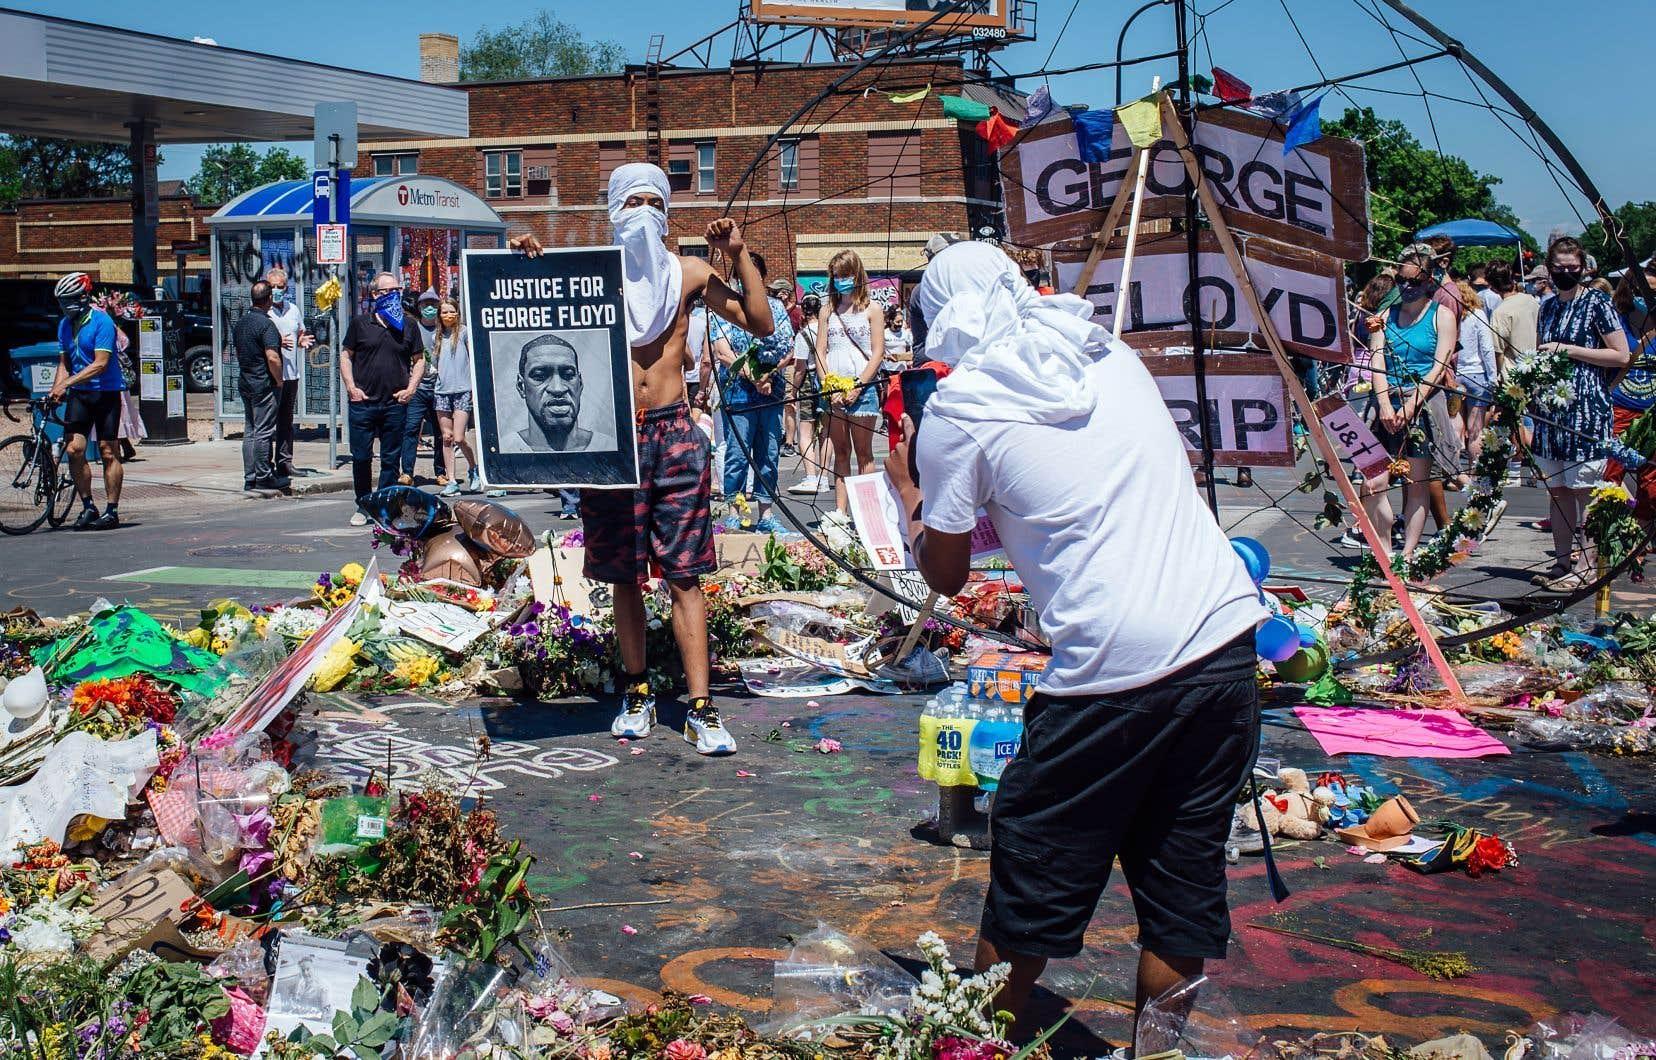 Une mort qui semble accélérer la prise de conscience du privilège d'être blanc.